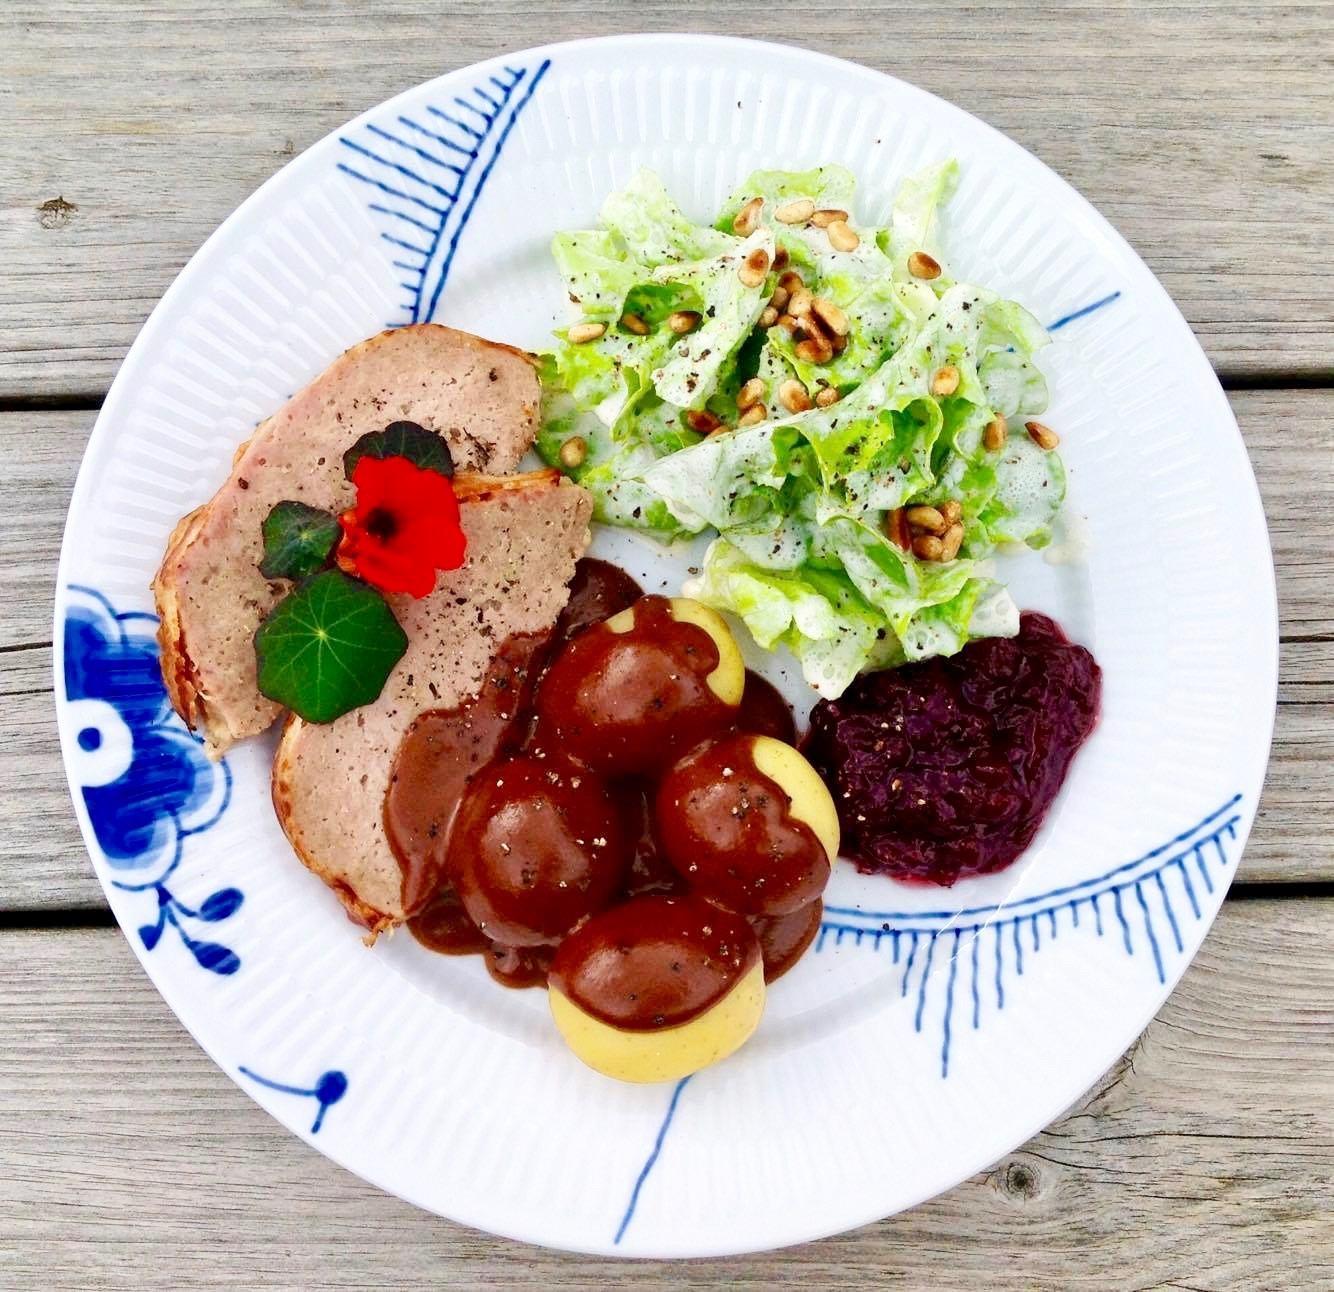 Vis dit køleskab - Eva Wagner, Evas køkken 4